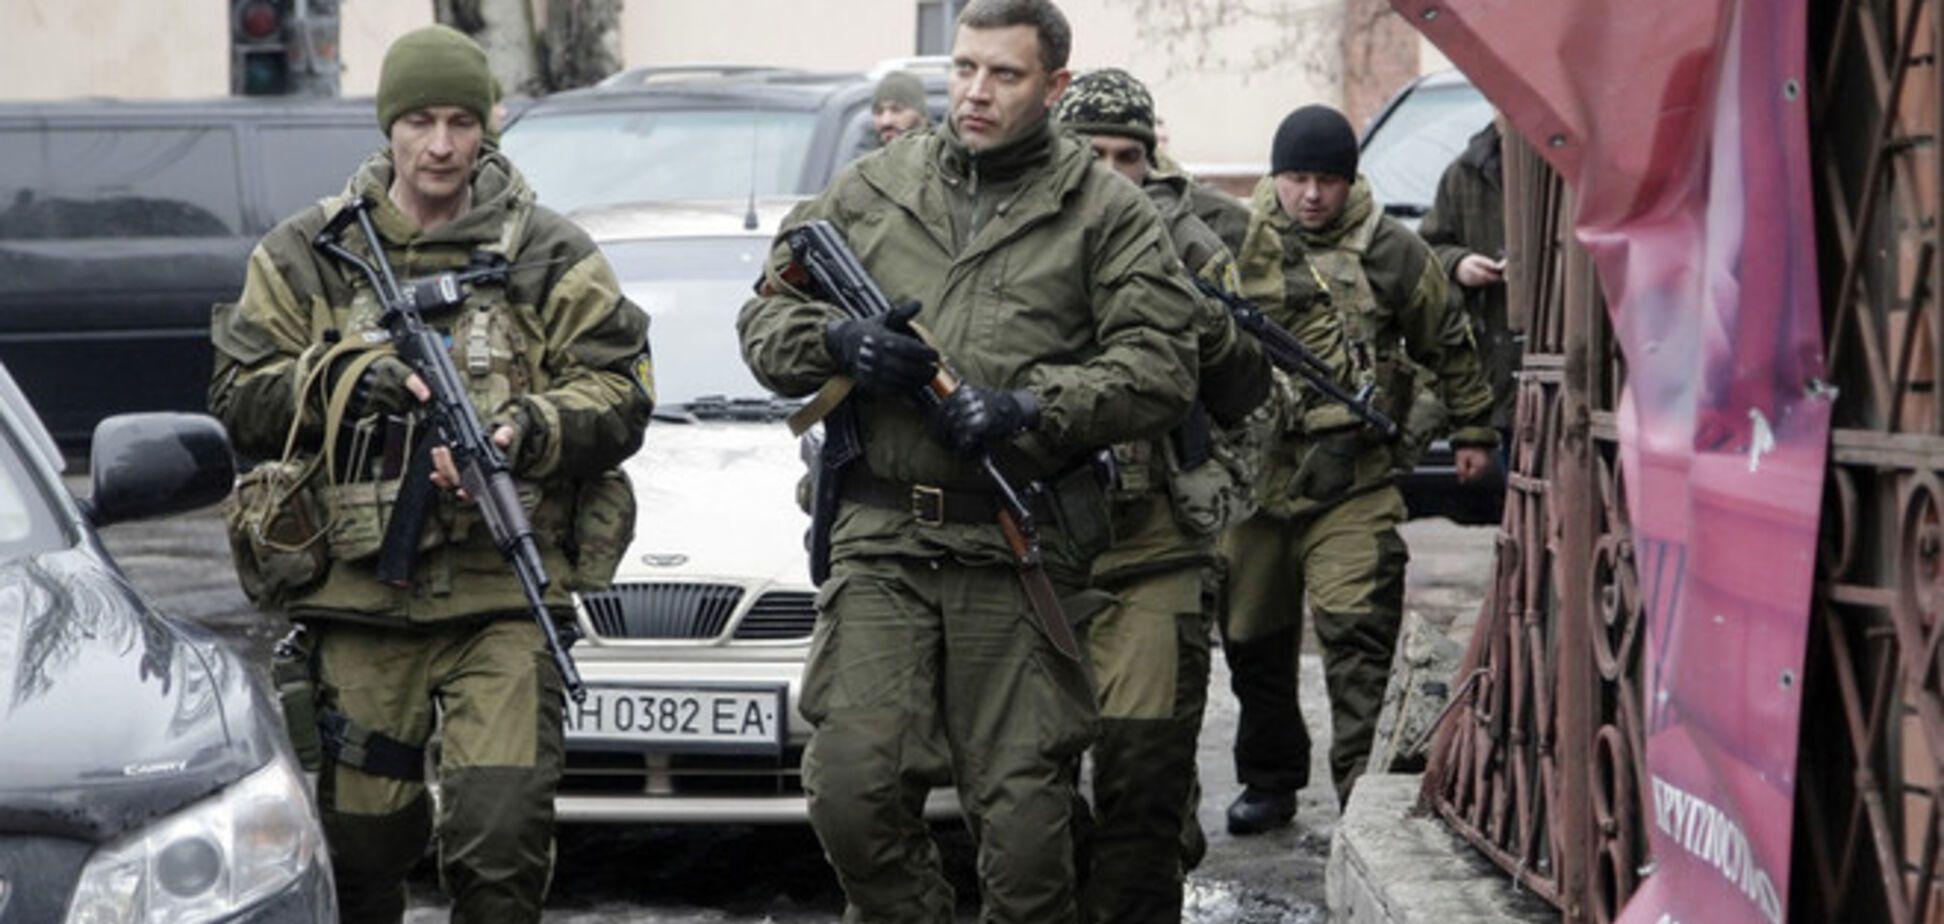 Ватажок 'ДНР' більше не має наміру розмовляти про перемир'я